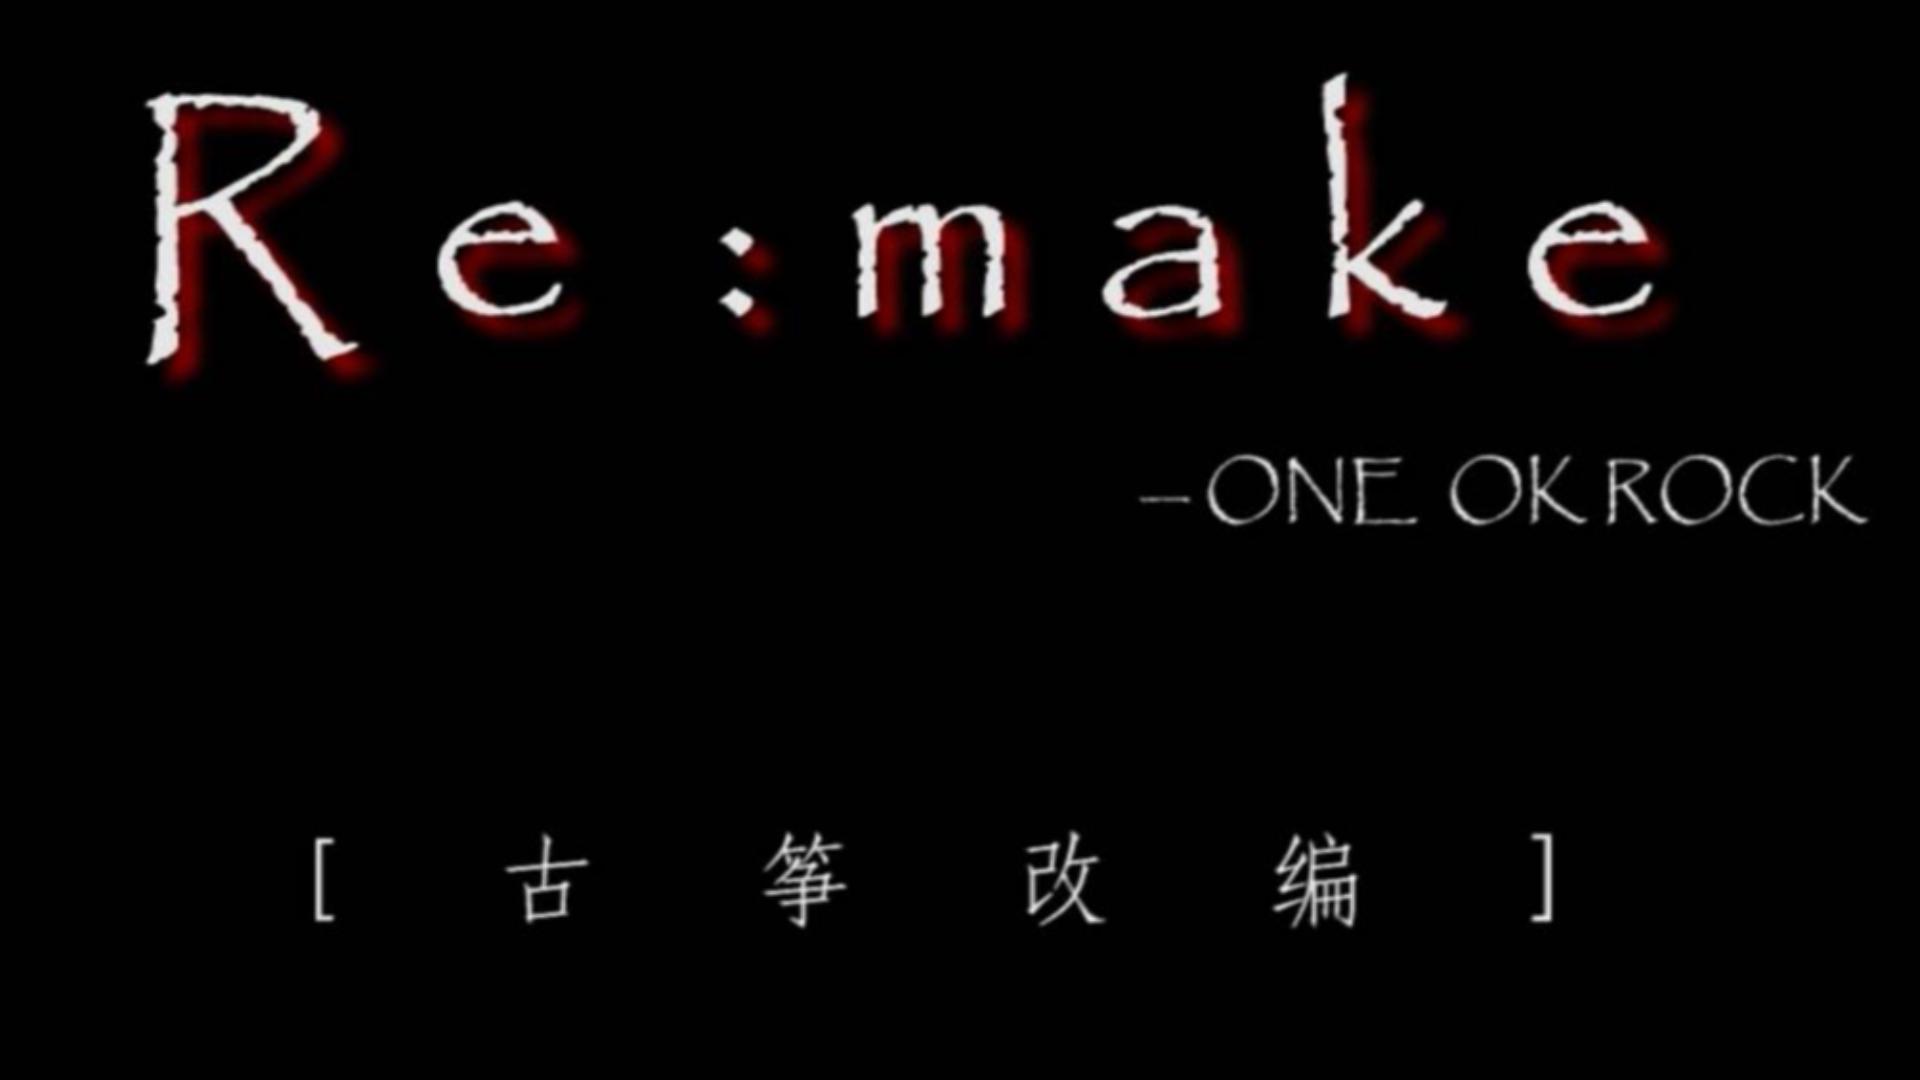 【古筝】ONE OK ROCK - Re:make——改编翻奏/燃